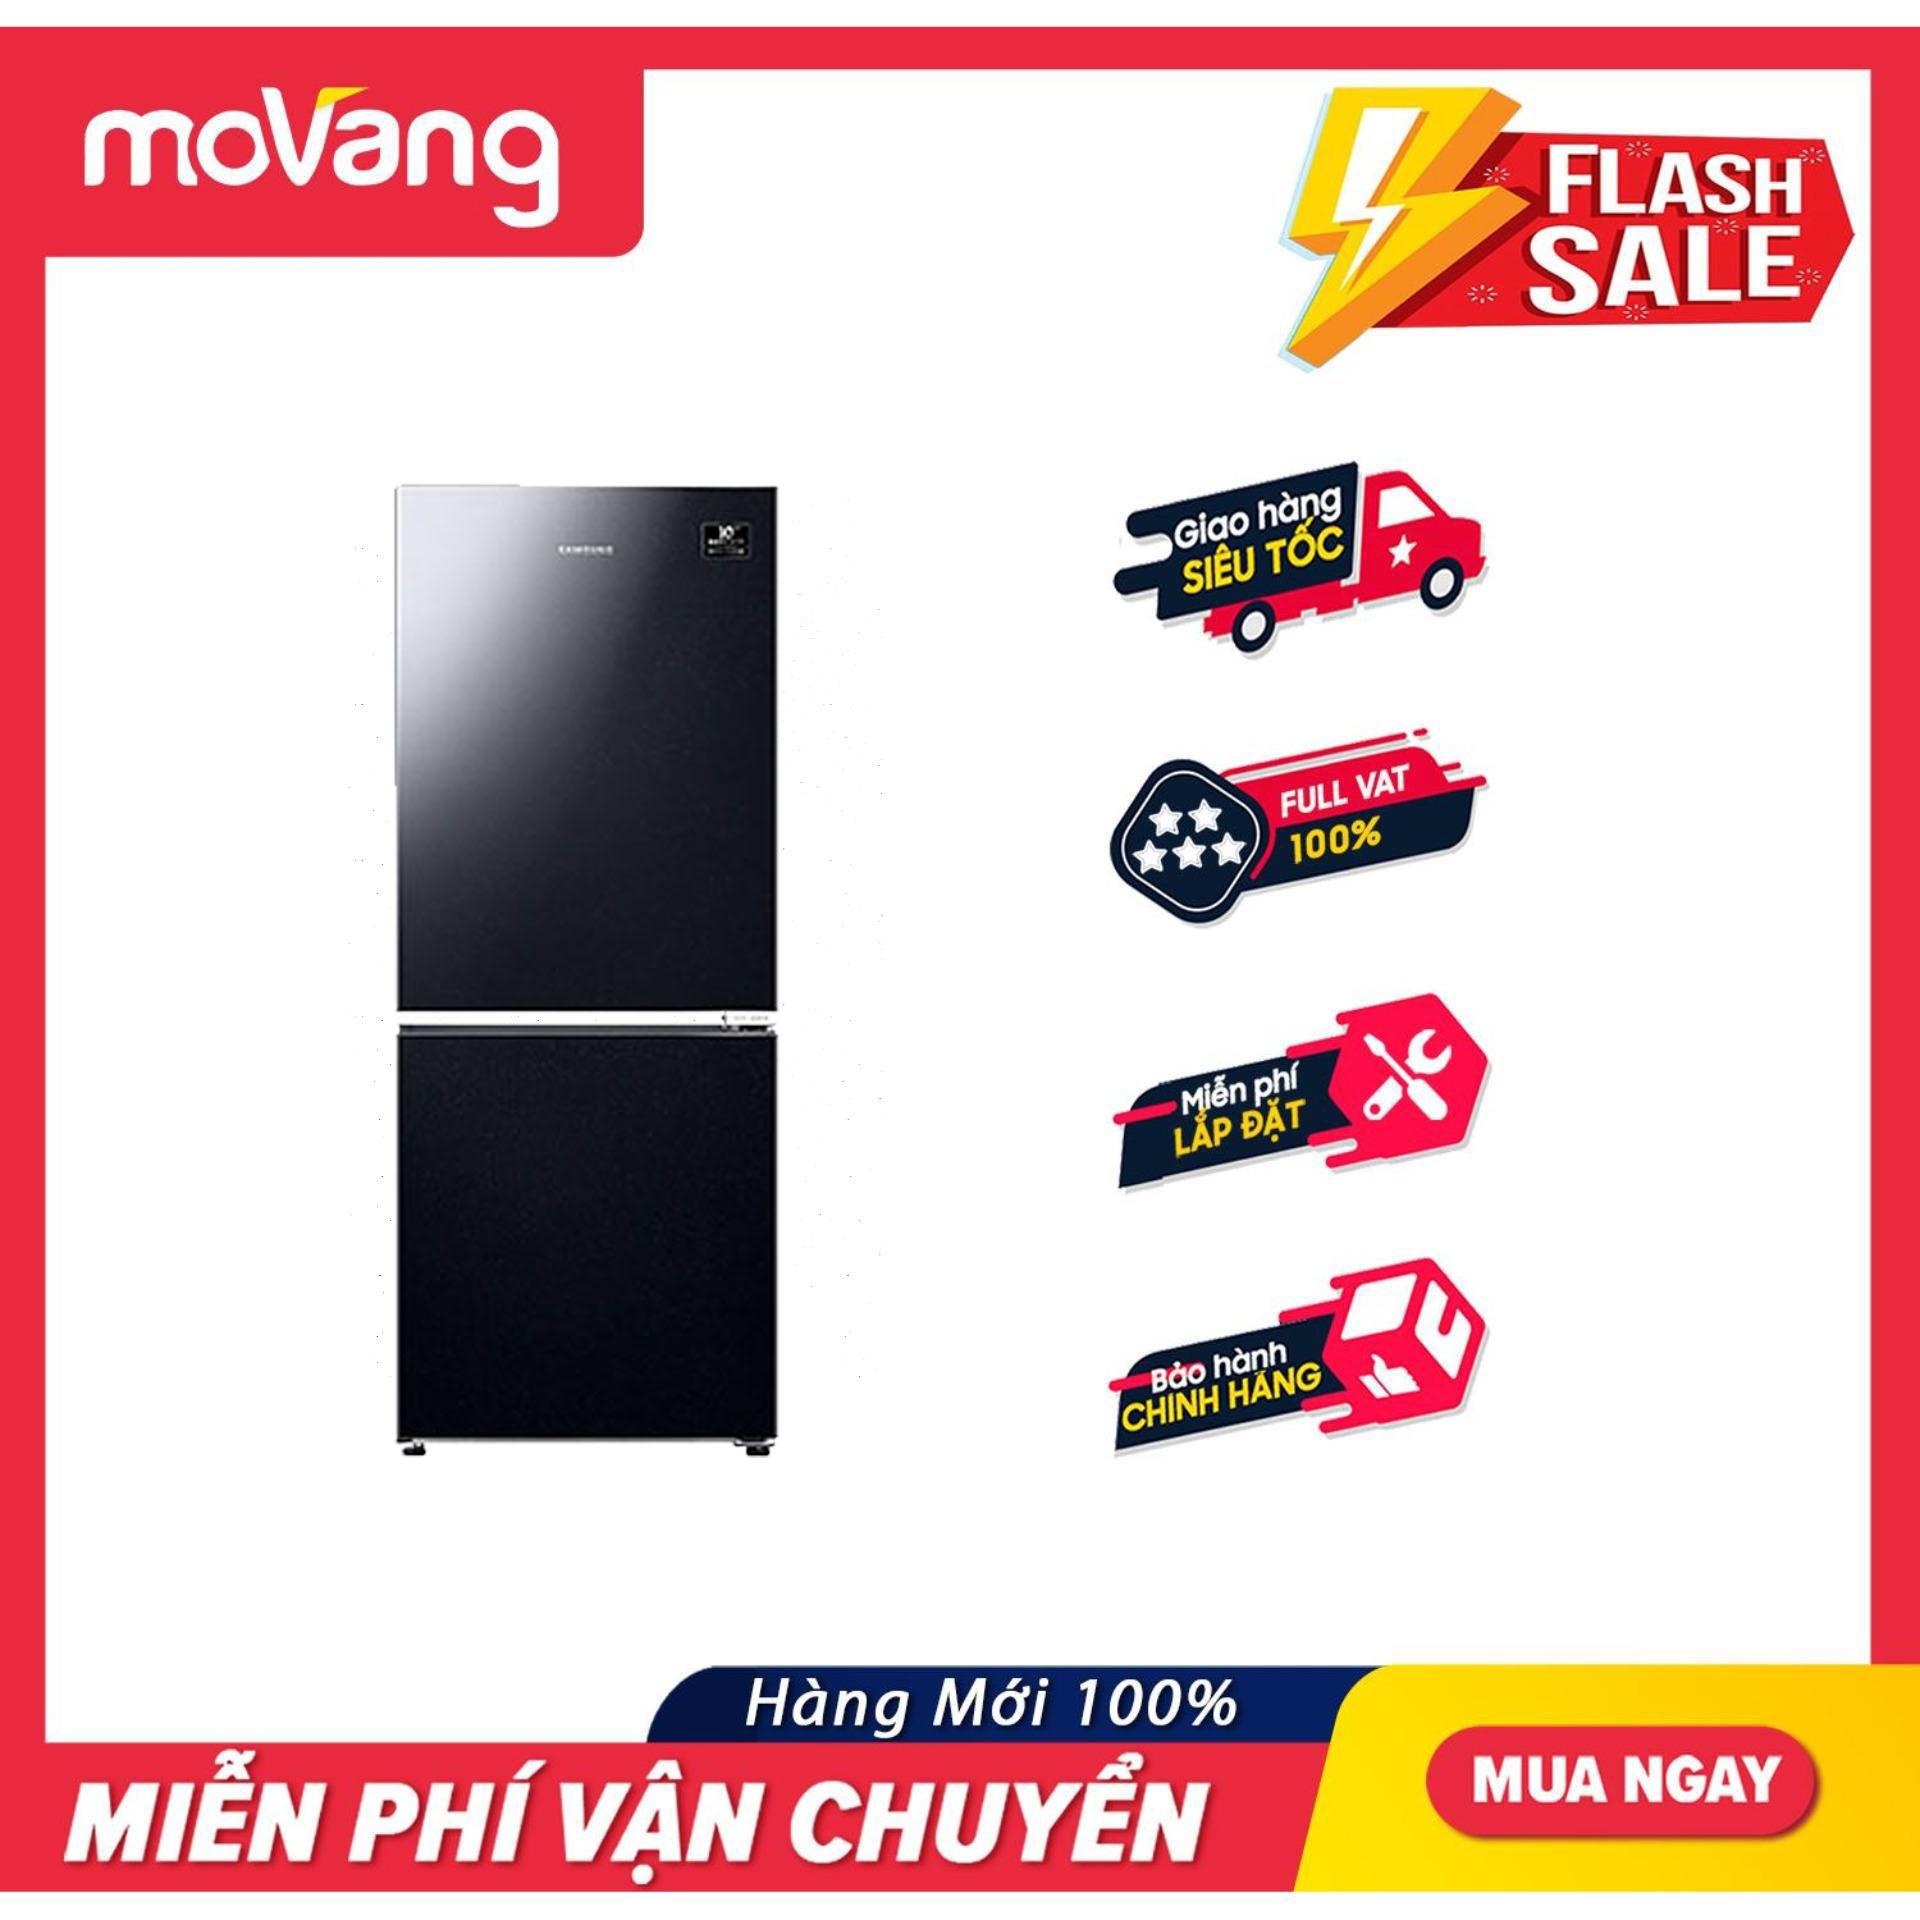 [TRẢ GÓP 0%] Tủ lạnh Samsung Inverter 280 lít RB27N4010BU/SV